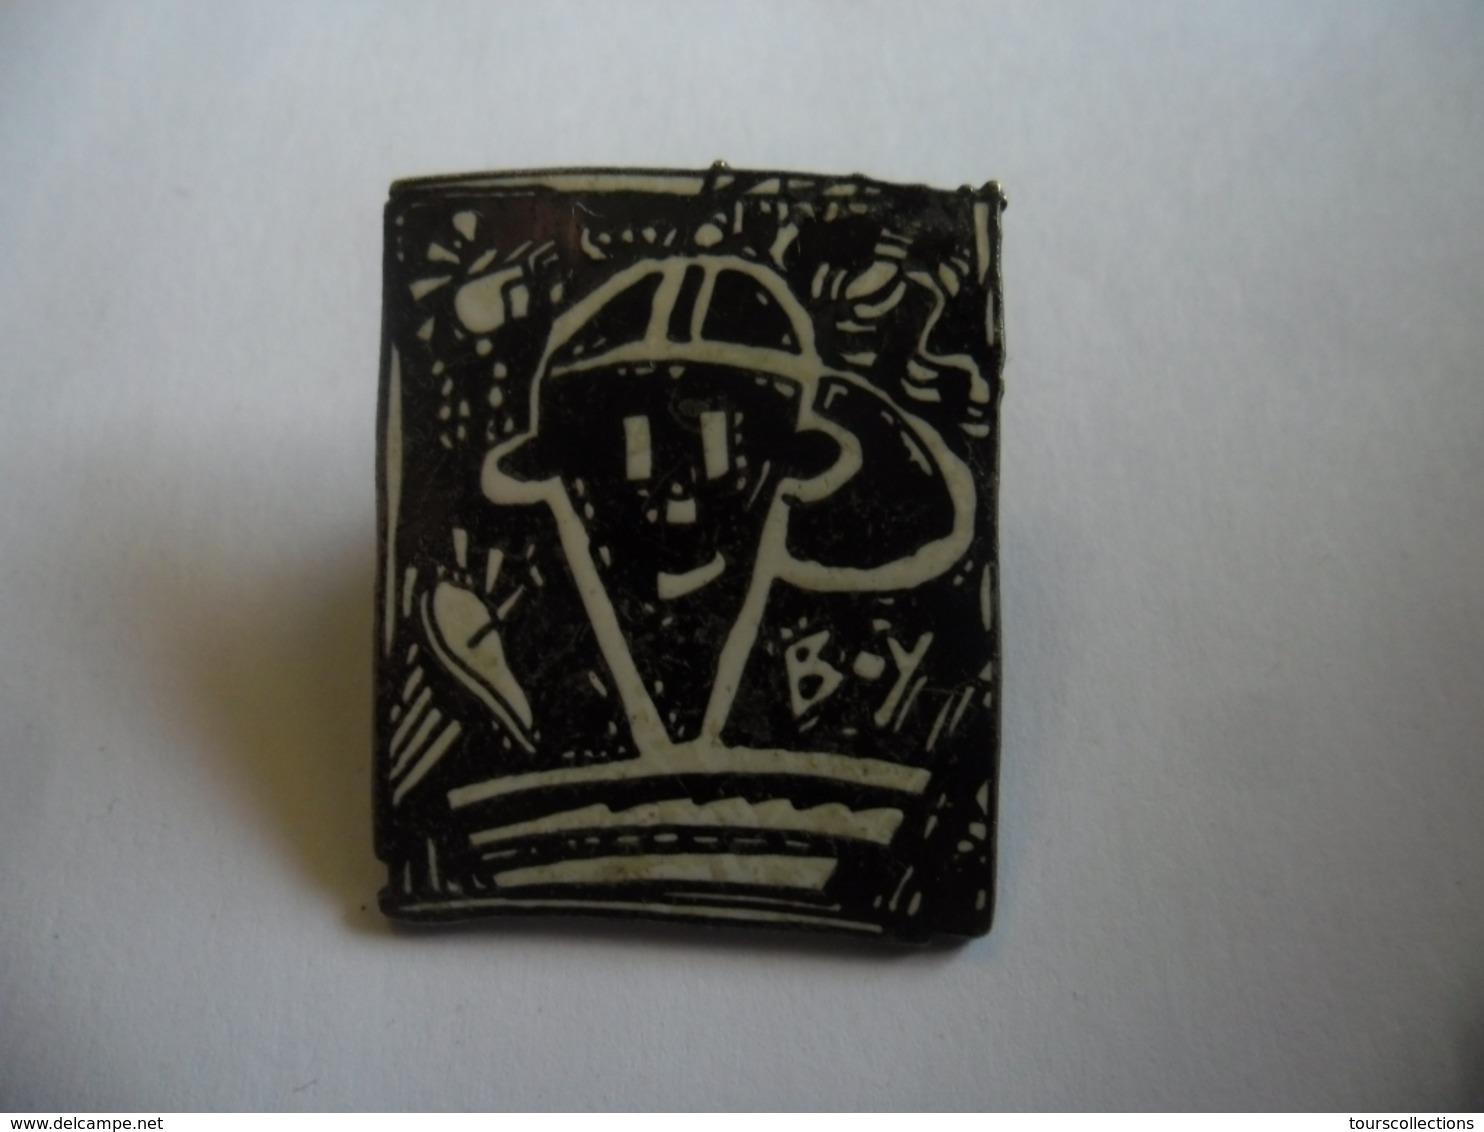 GRAND PIN'S De 1985 FIDO DIDO @ 28 Mm X 33 Mm Mascotte De La Boisson Gazeuse 7Up Jeune, Muet, Séducteur, Hip Hop, Urbain - BD